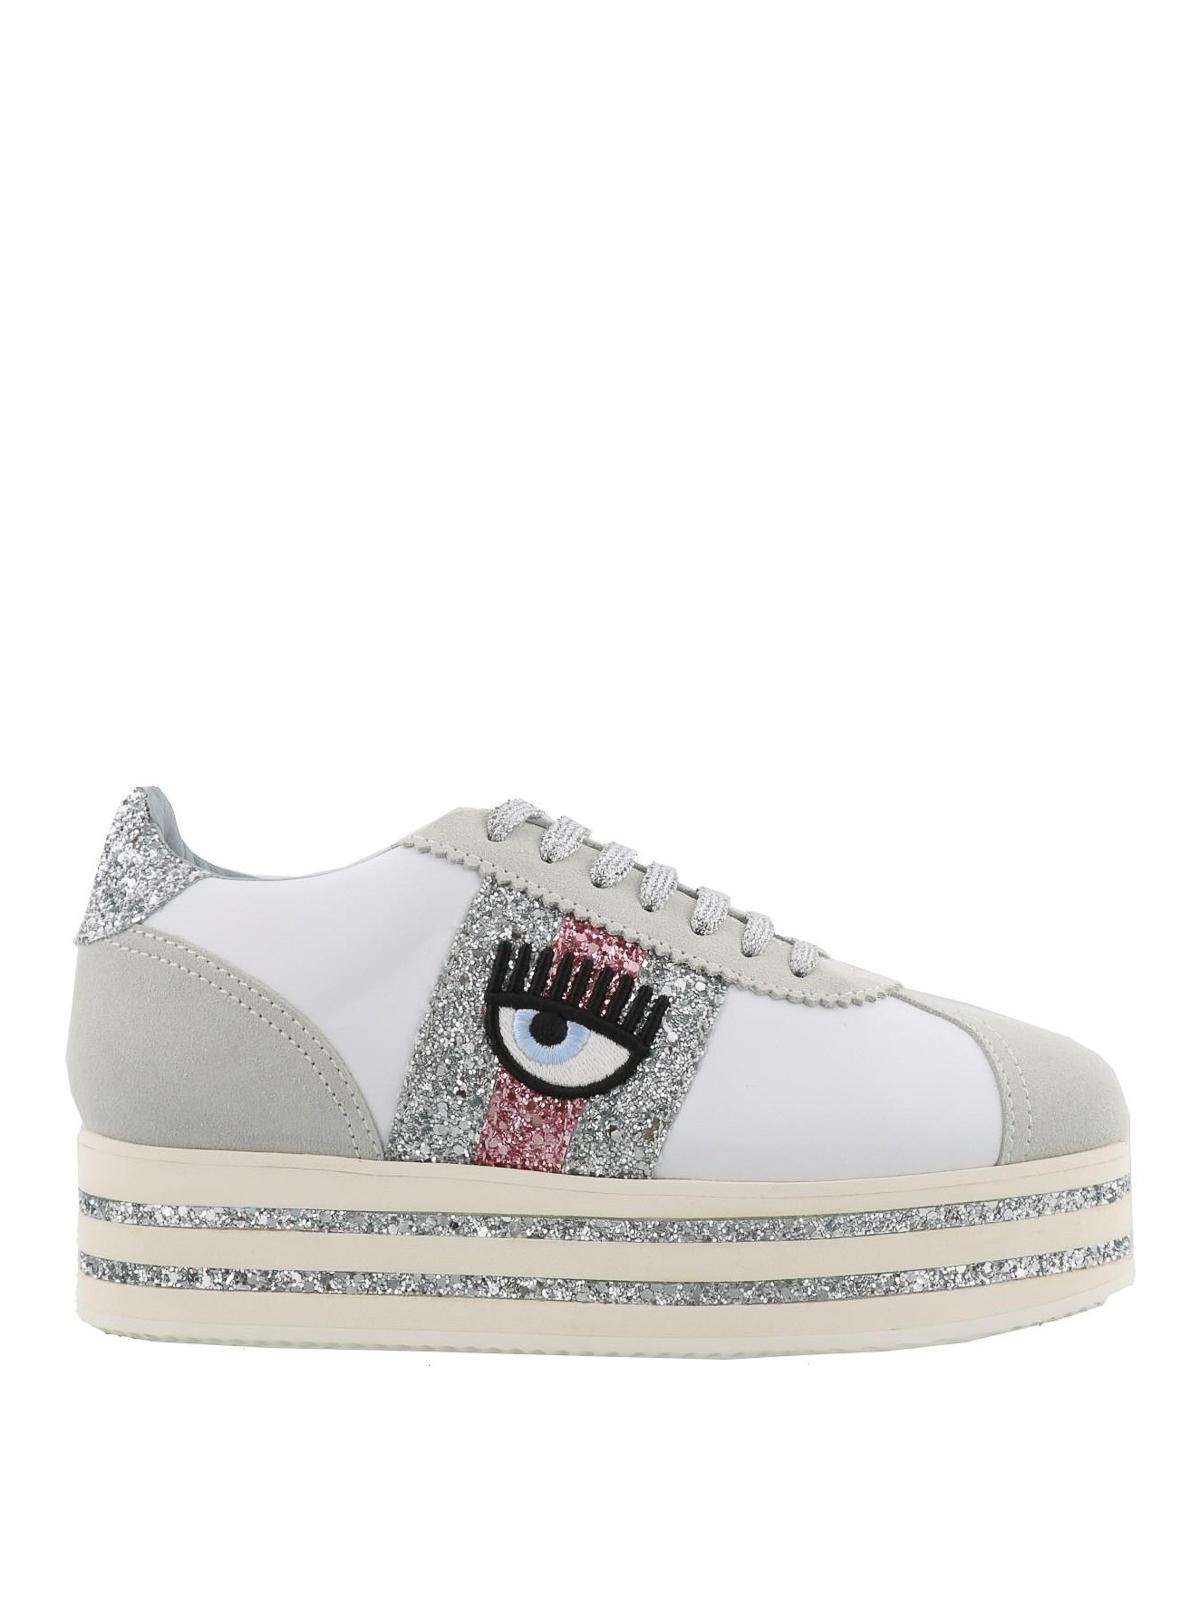 6e8a5cf2d75 CHIARA FERRAGNI  trainers - Logomania white leather platform sneakers